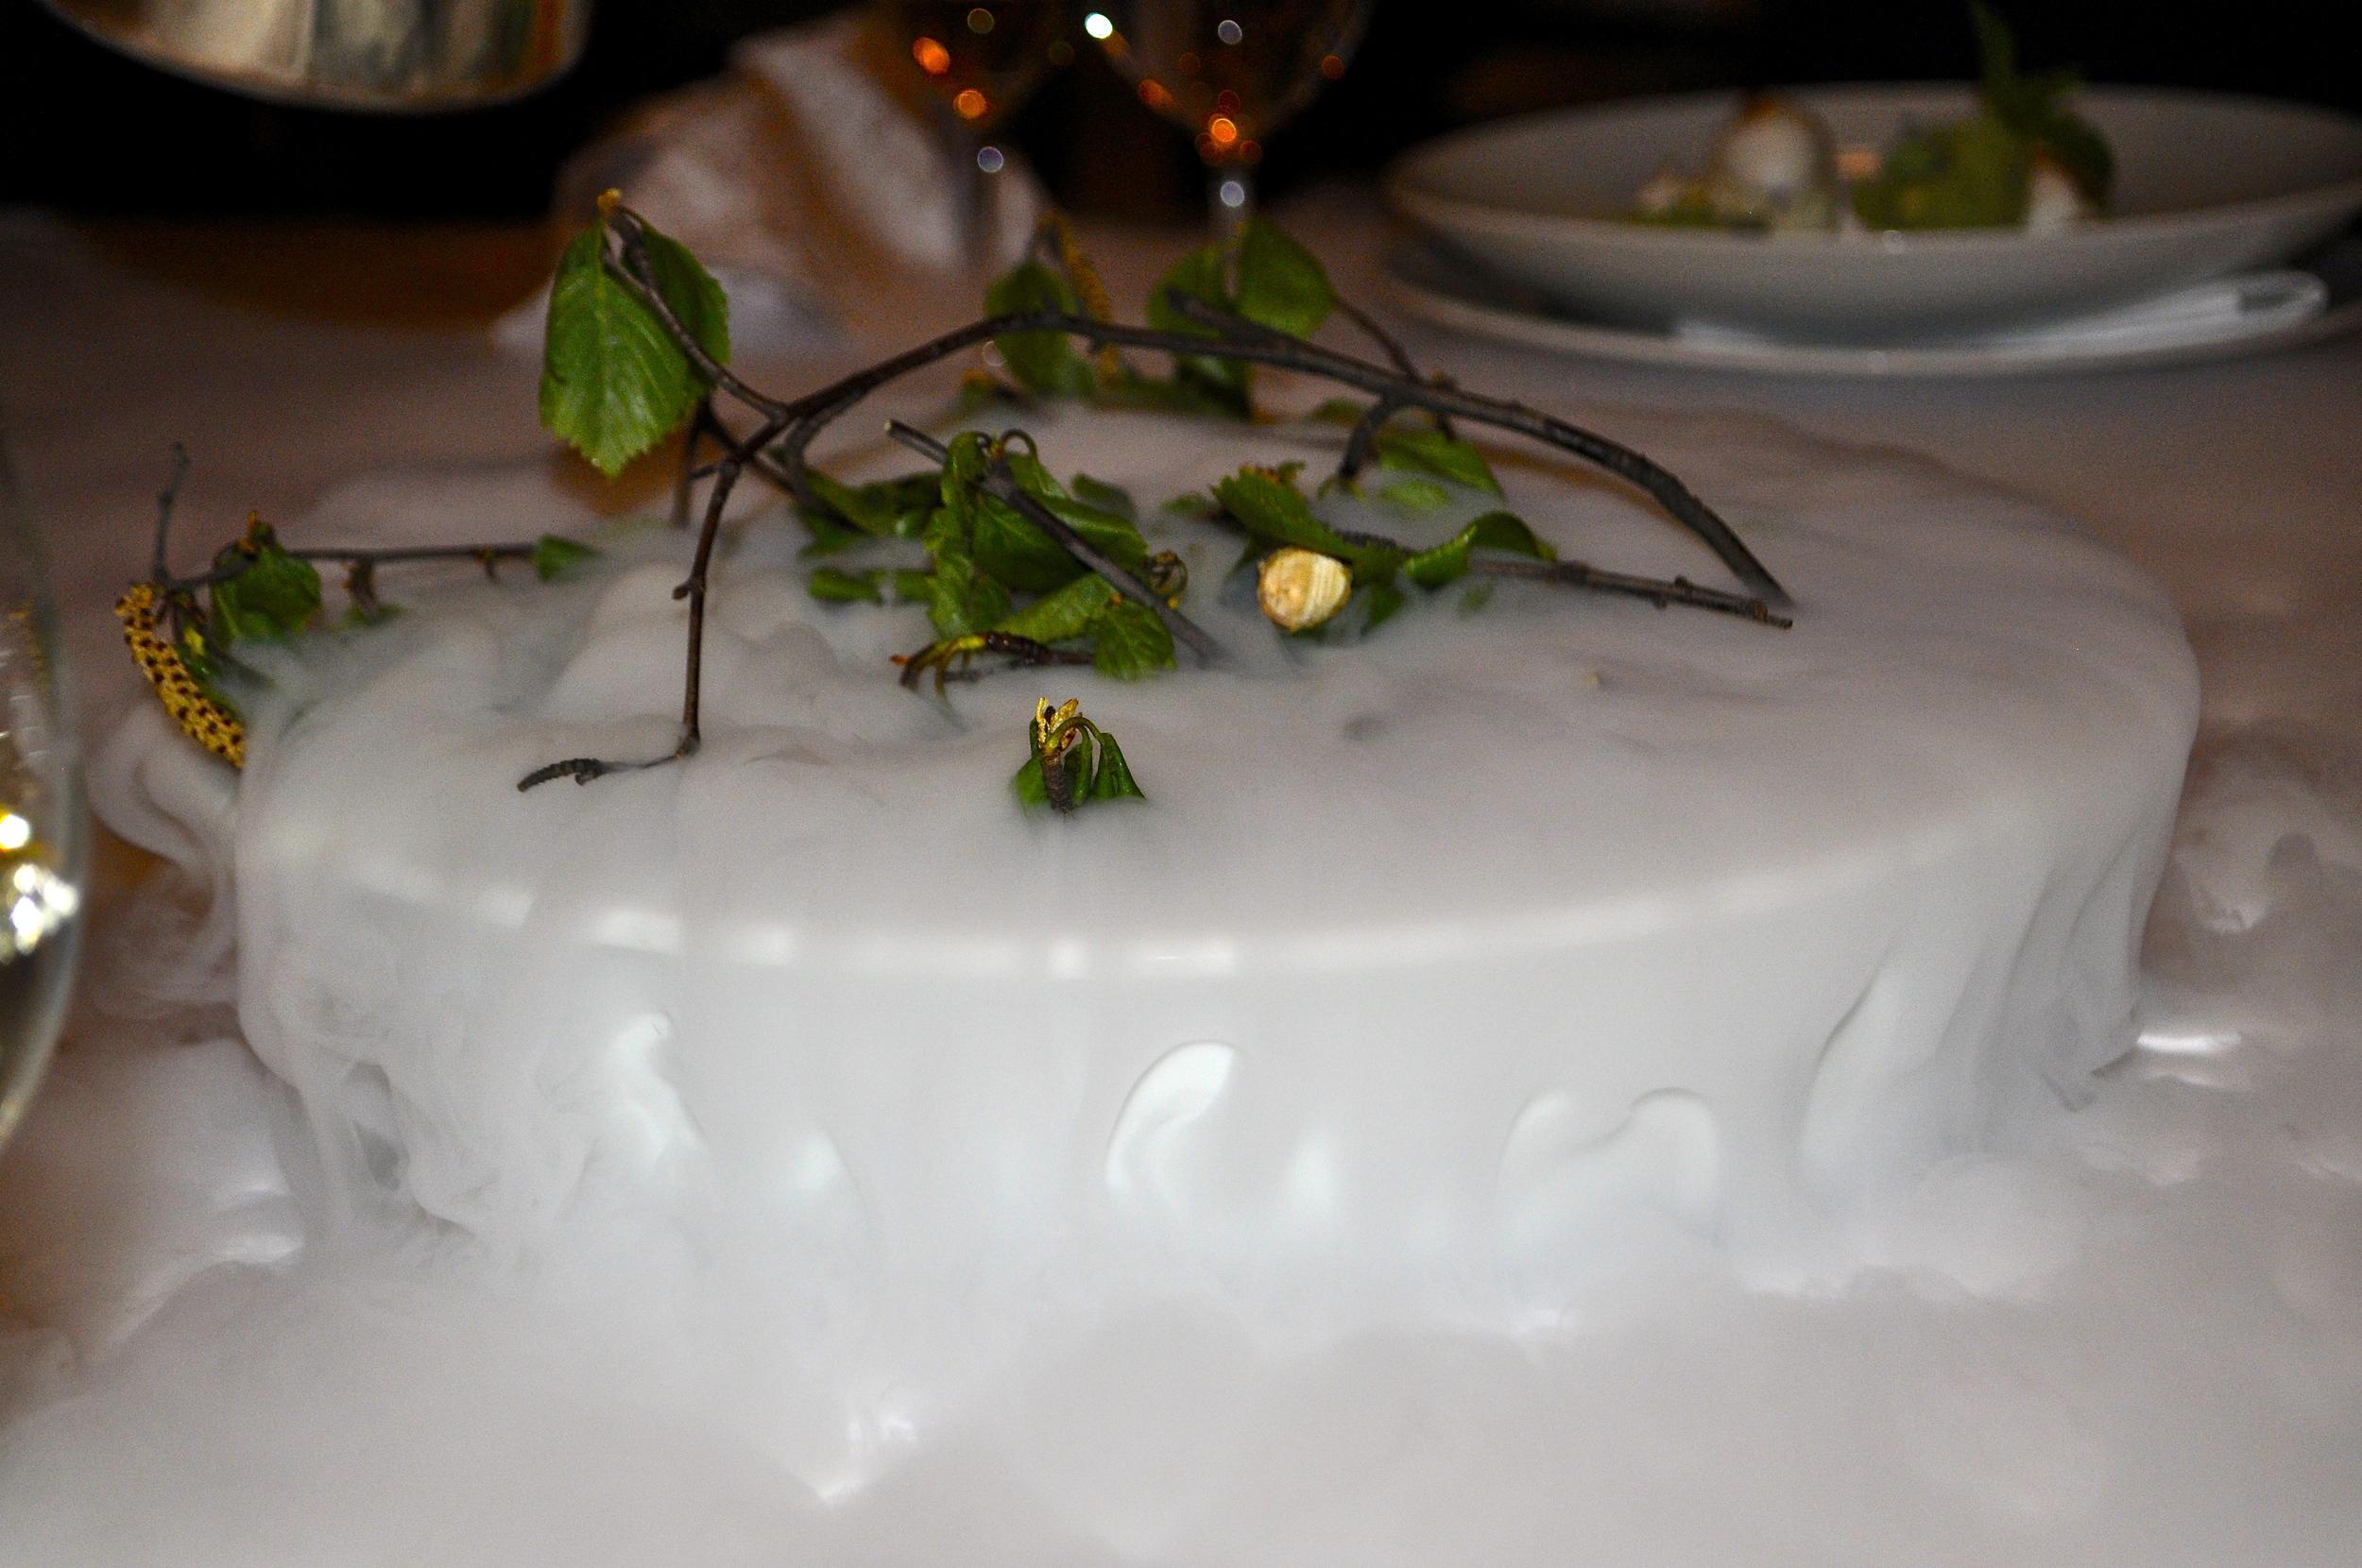 Toto sa nejedlo, ale bolo to v strede stola aby voňalo - konáriky a lístky brezy.